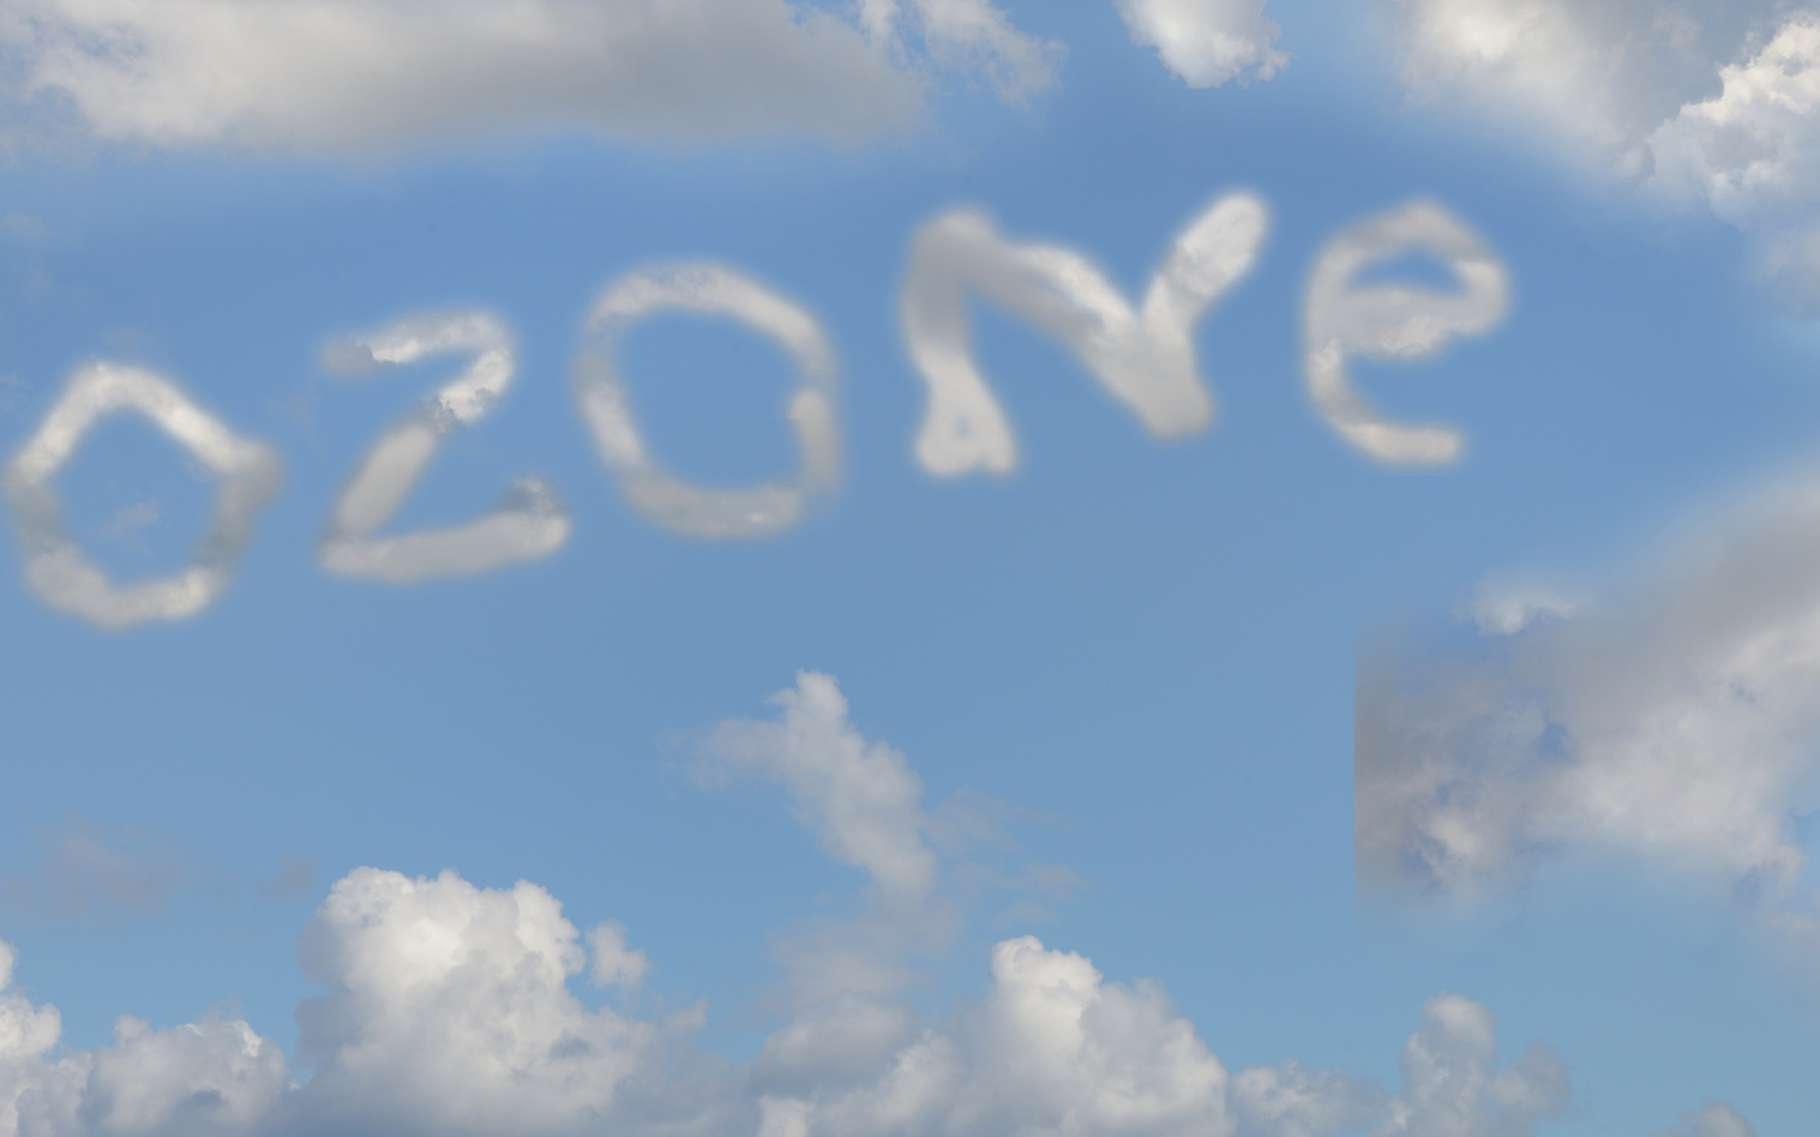 Les pics d'ozone surviennent lorsque la pollution est importante. Mais il faut aussi que le soleil brille et que l'atmosphère soit chaude et calme. © Richard Villalon, Fotolia